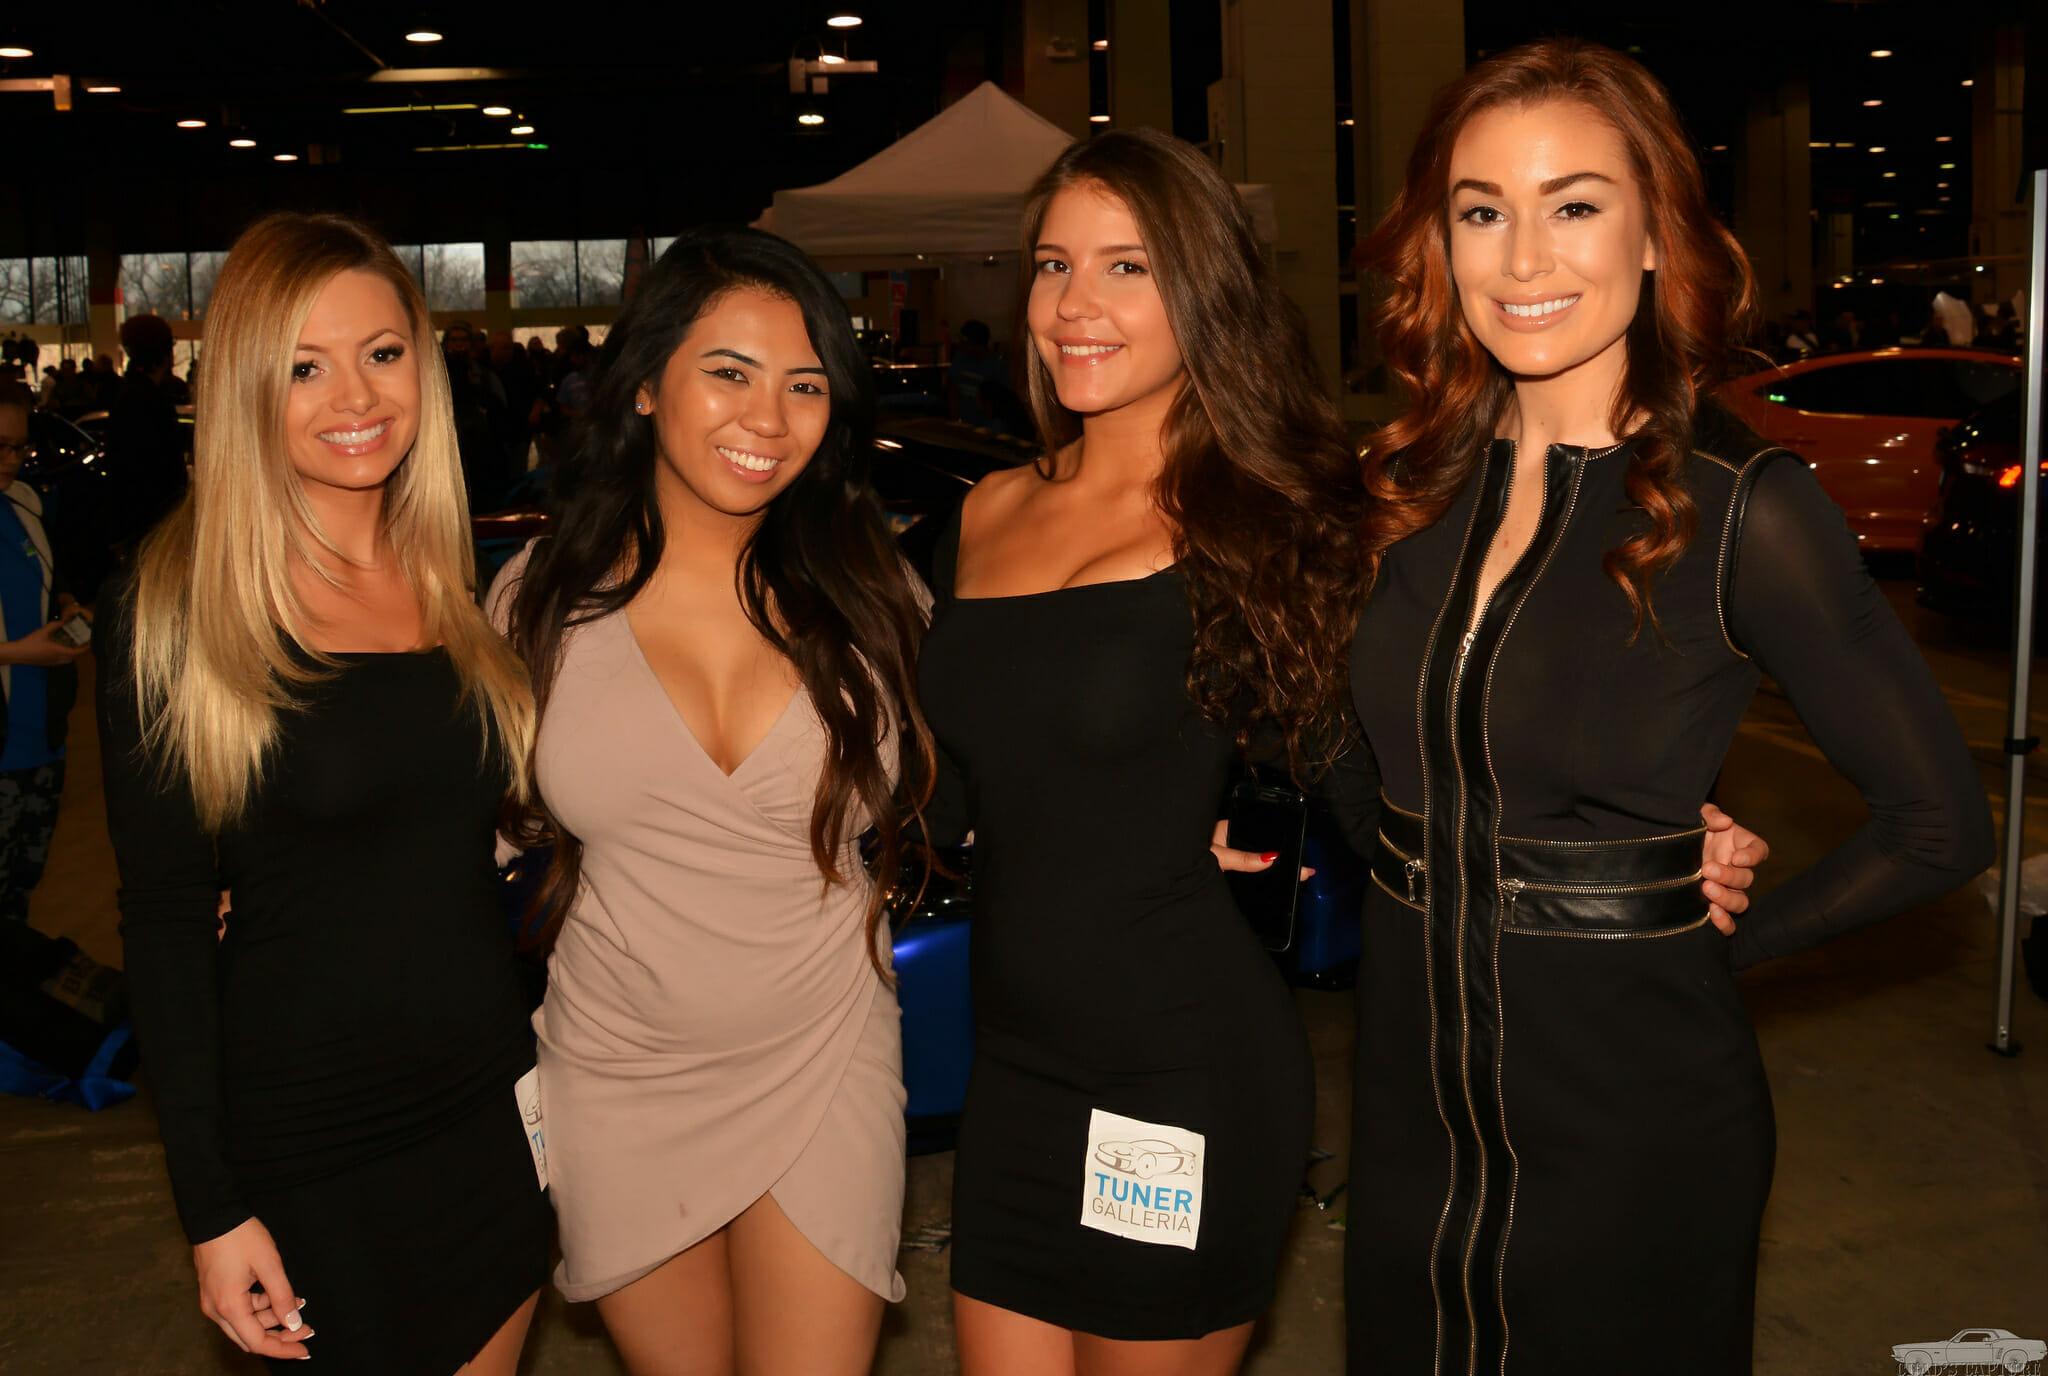 Cztery atrakcyjne kobiety